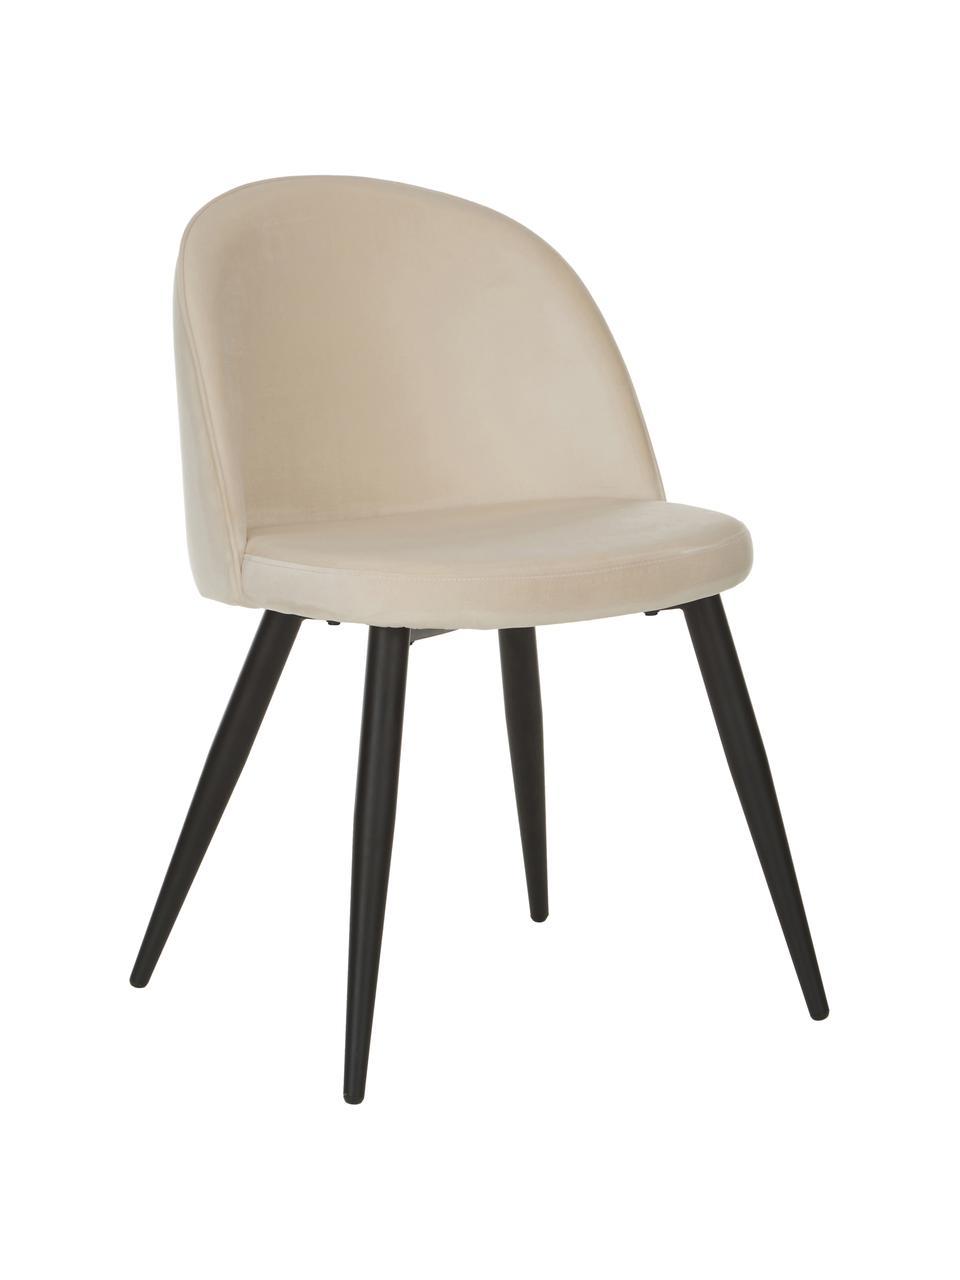 Sedia imbottita in velluto Amy 2 pz, Rivestimento: velluto (poliestere) Il r, Gambe: metallo verniciato a polv, Velluto bianco crema, Larg. 51 x Prof. 55 cm